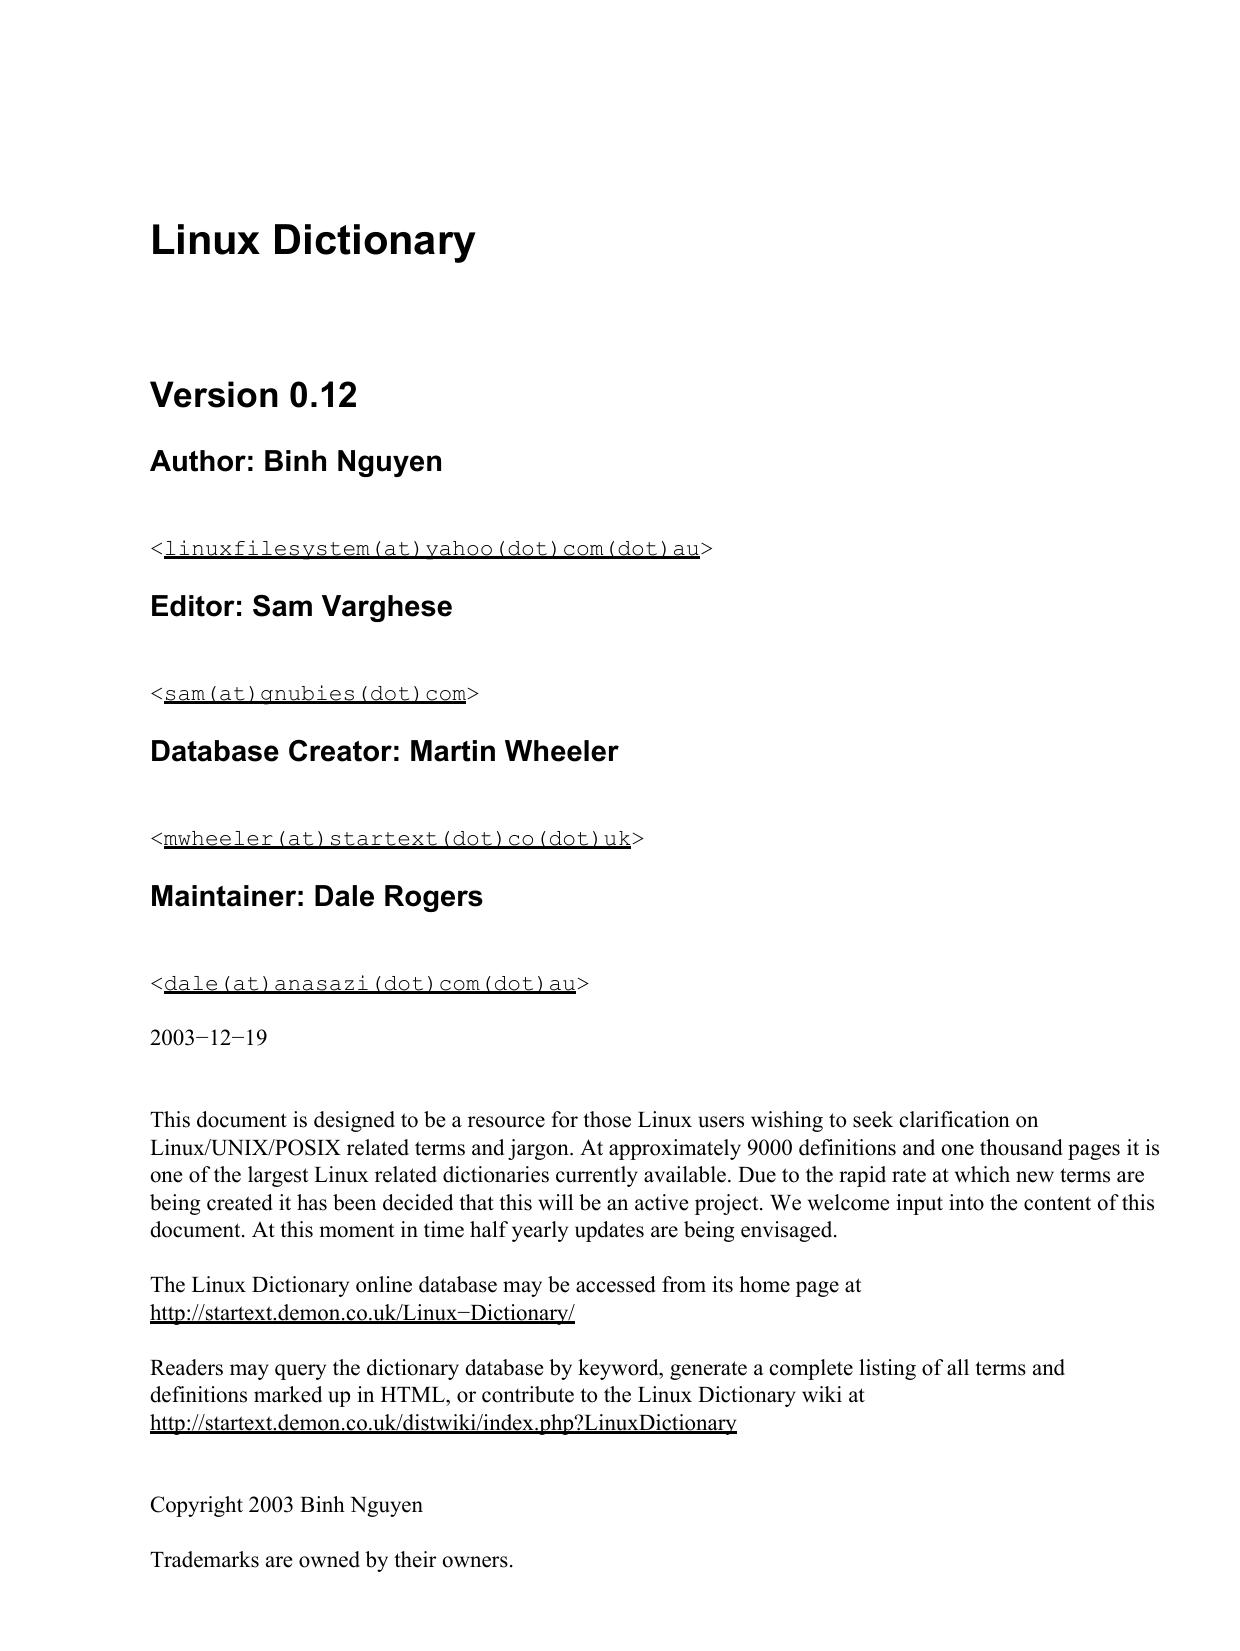 Linux Dictionary - Oxford Handbooks Online | manualzz com